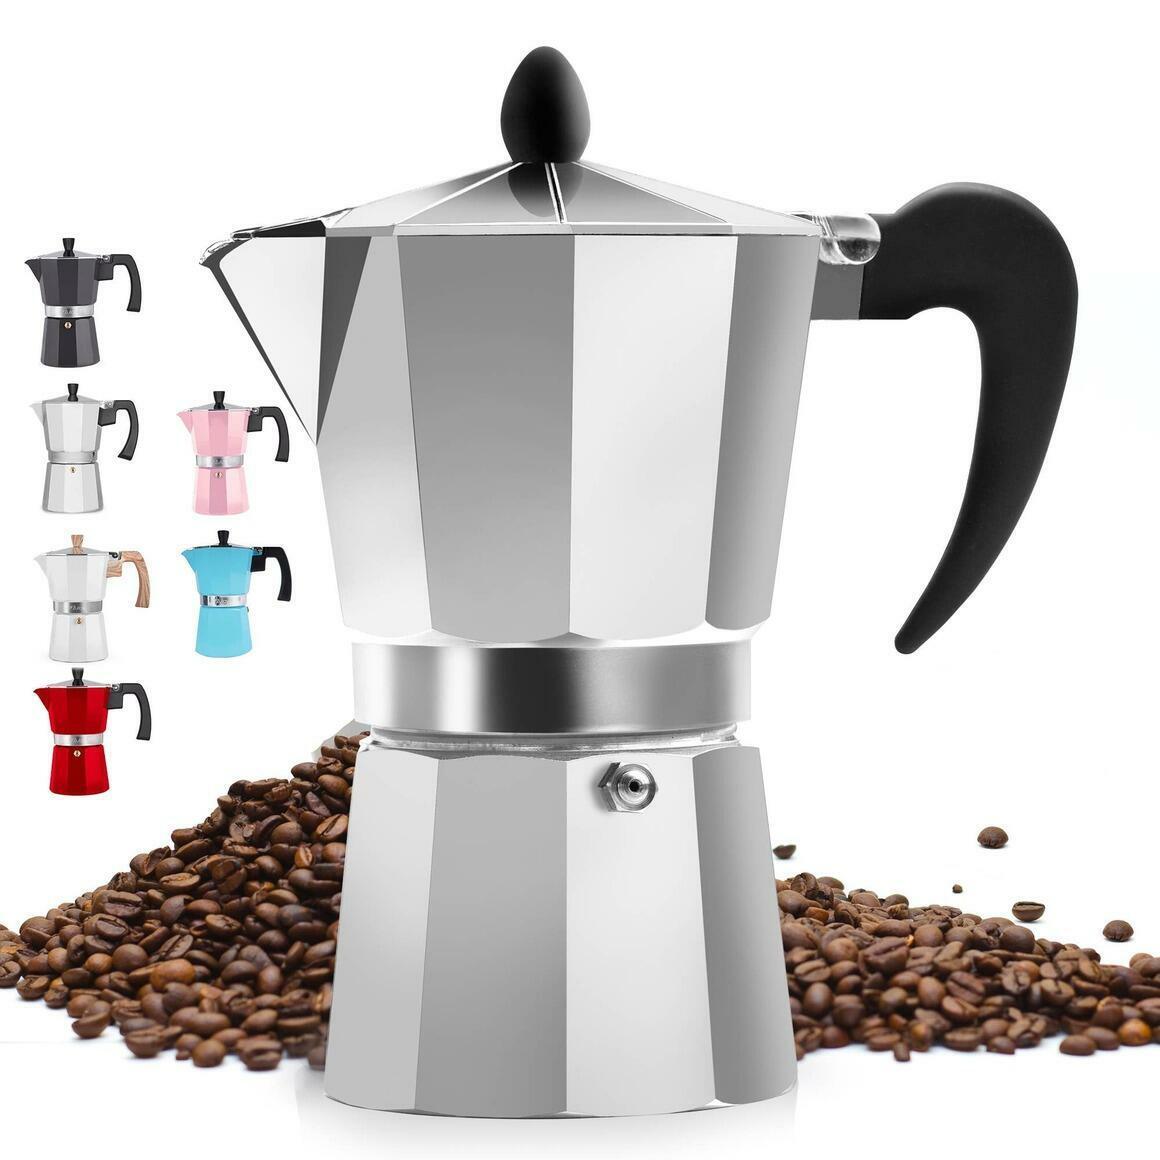 Classic Italian Style Espresso Maker - 3 Espresso Cups | Trada Marketplace